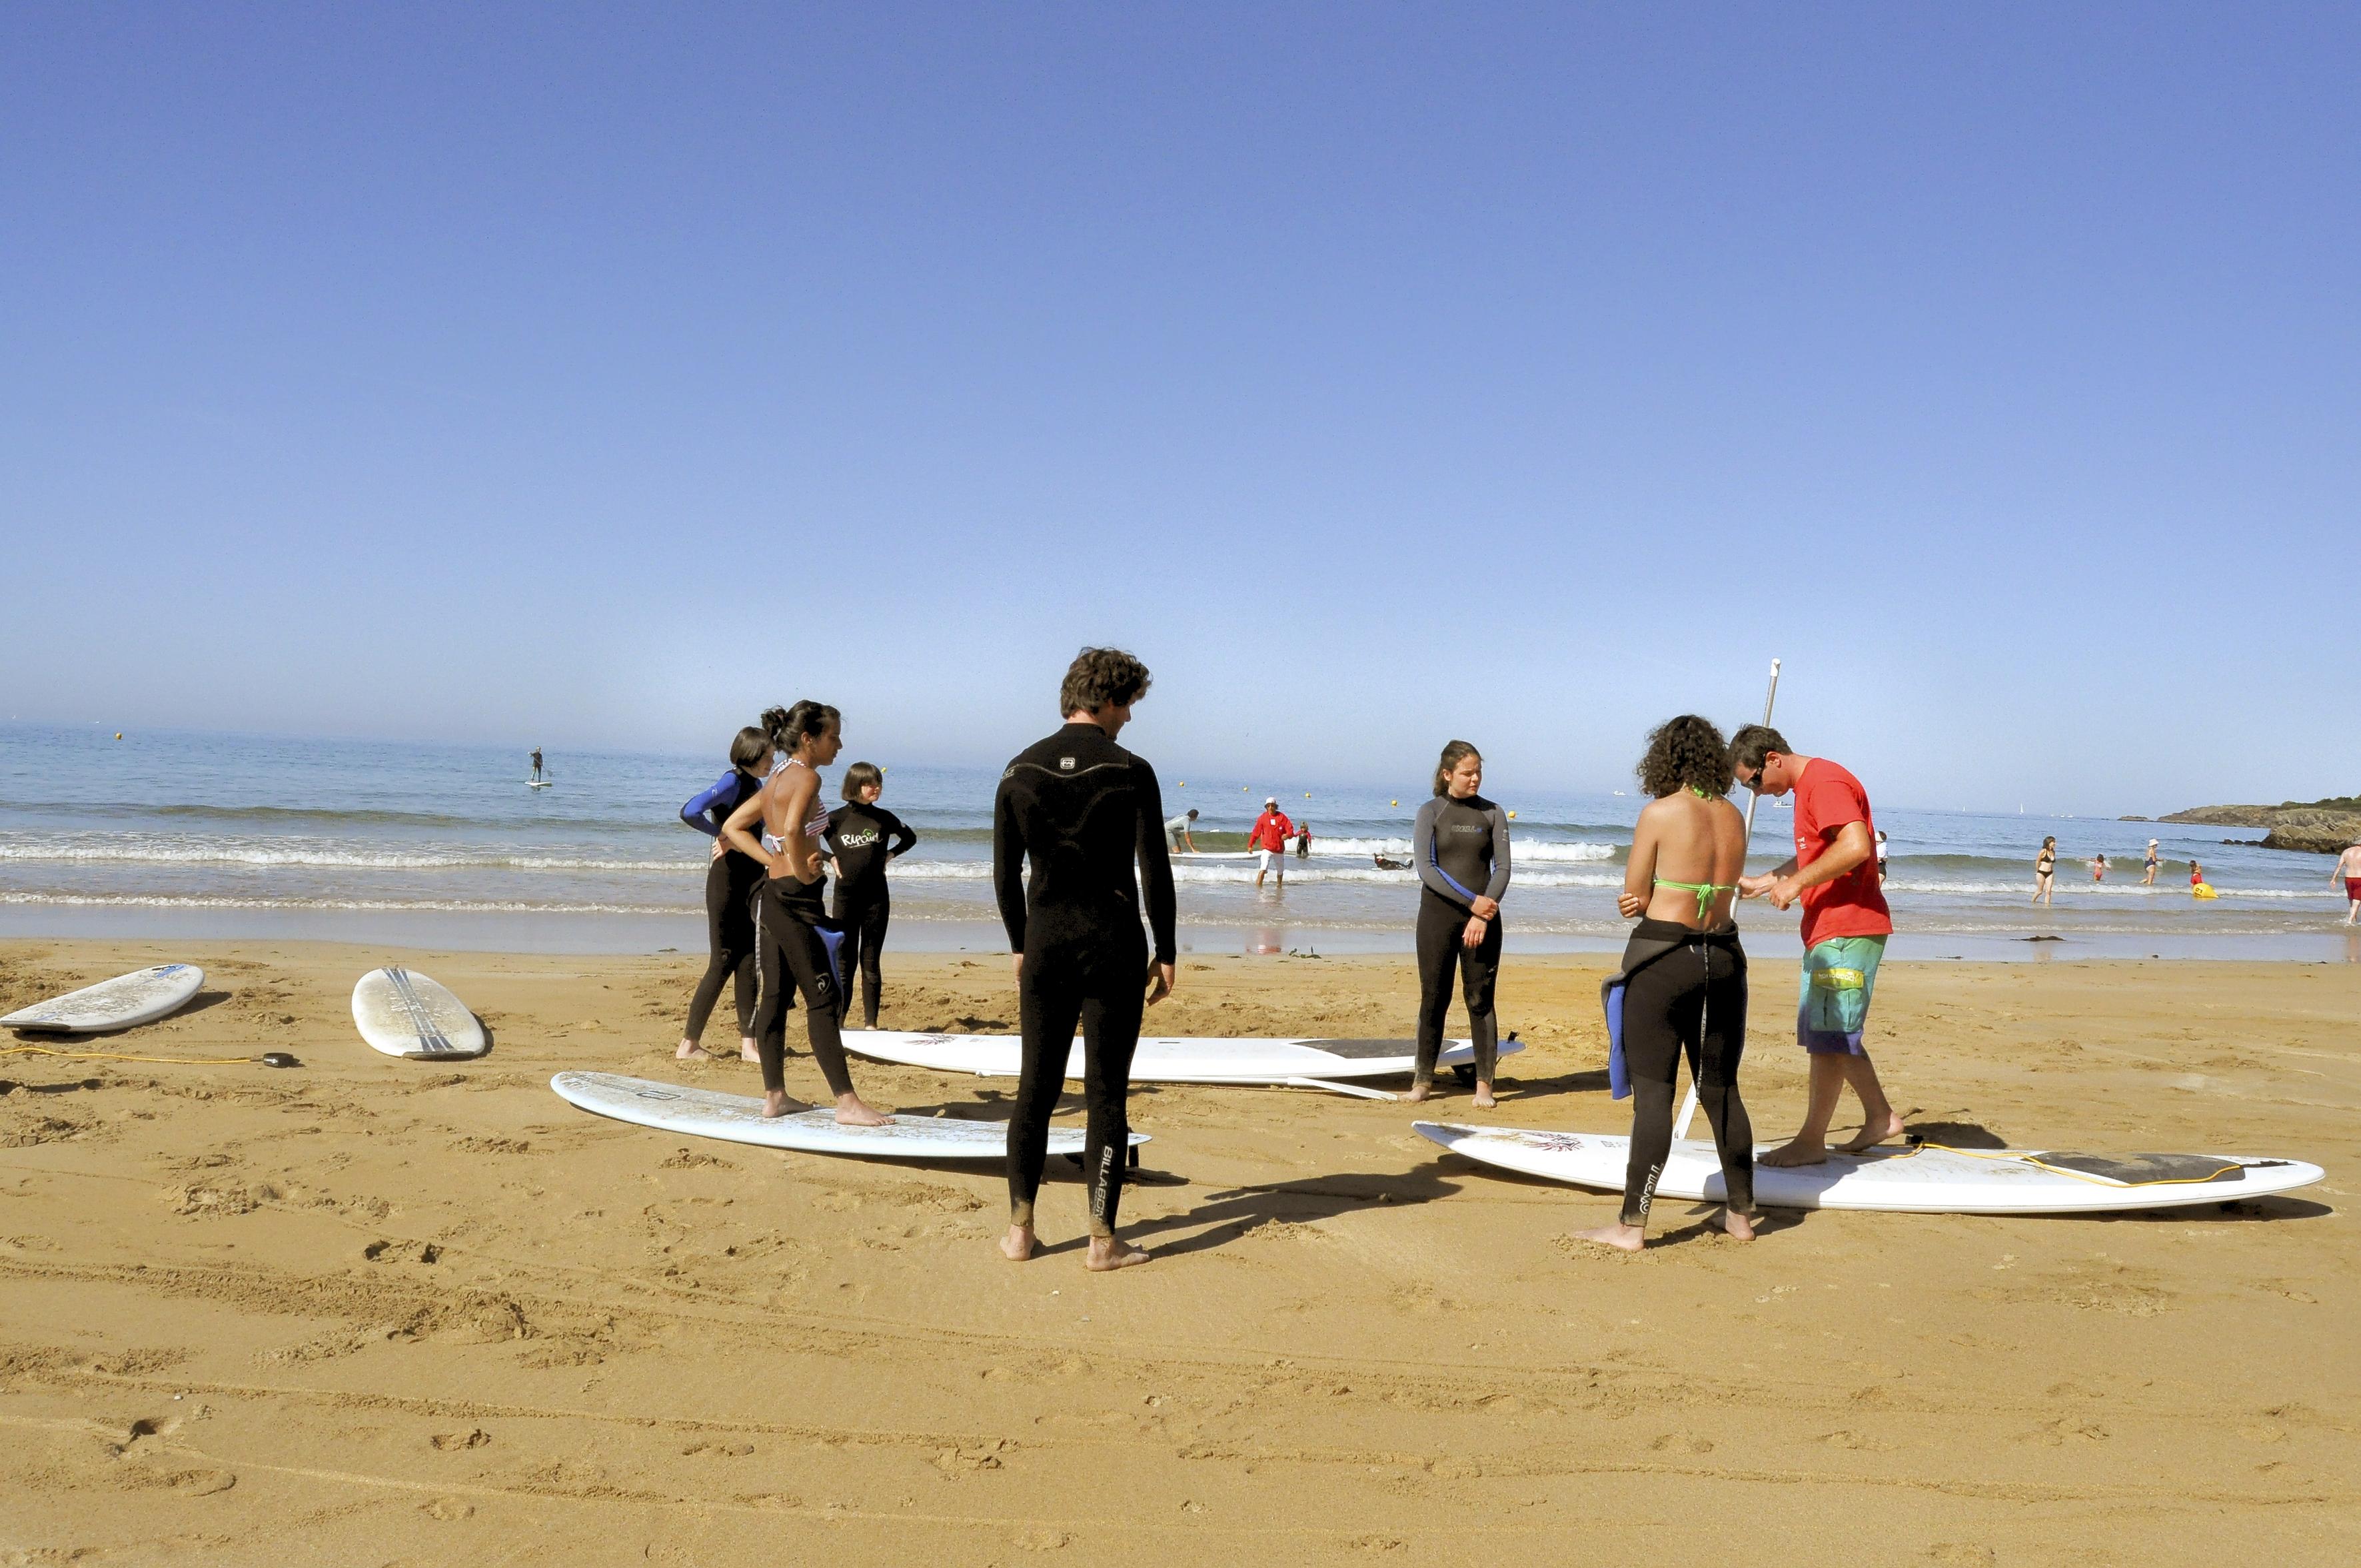 conseil surf, apprendre le surf